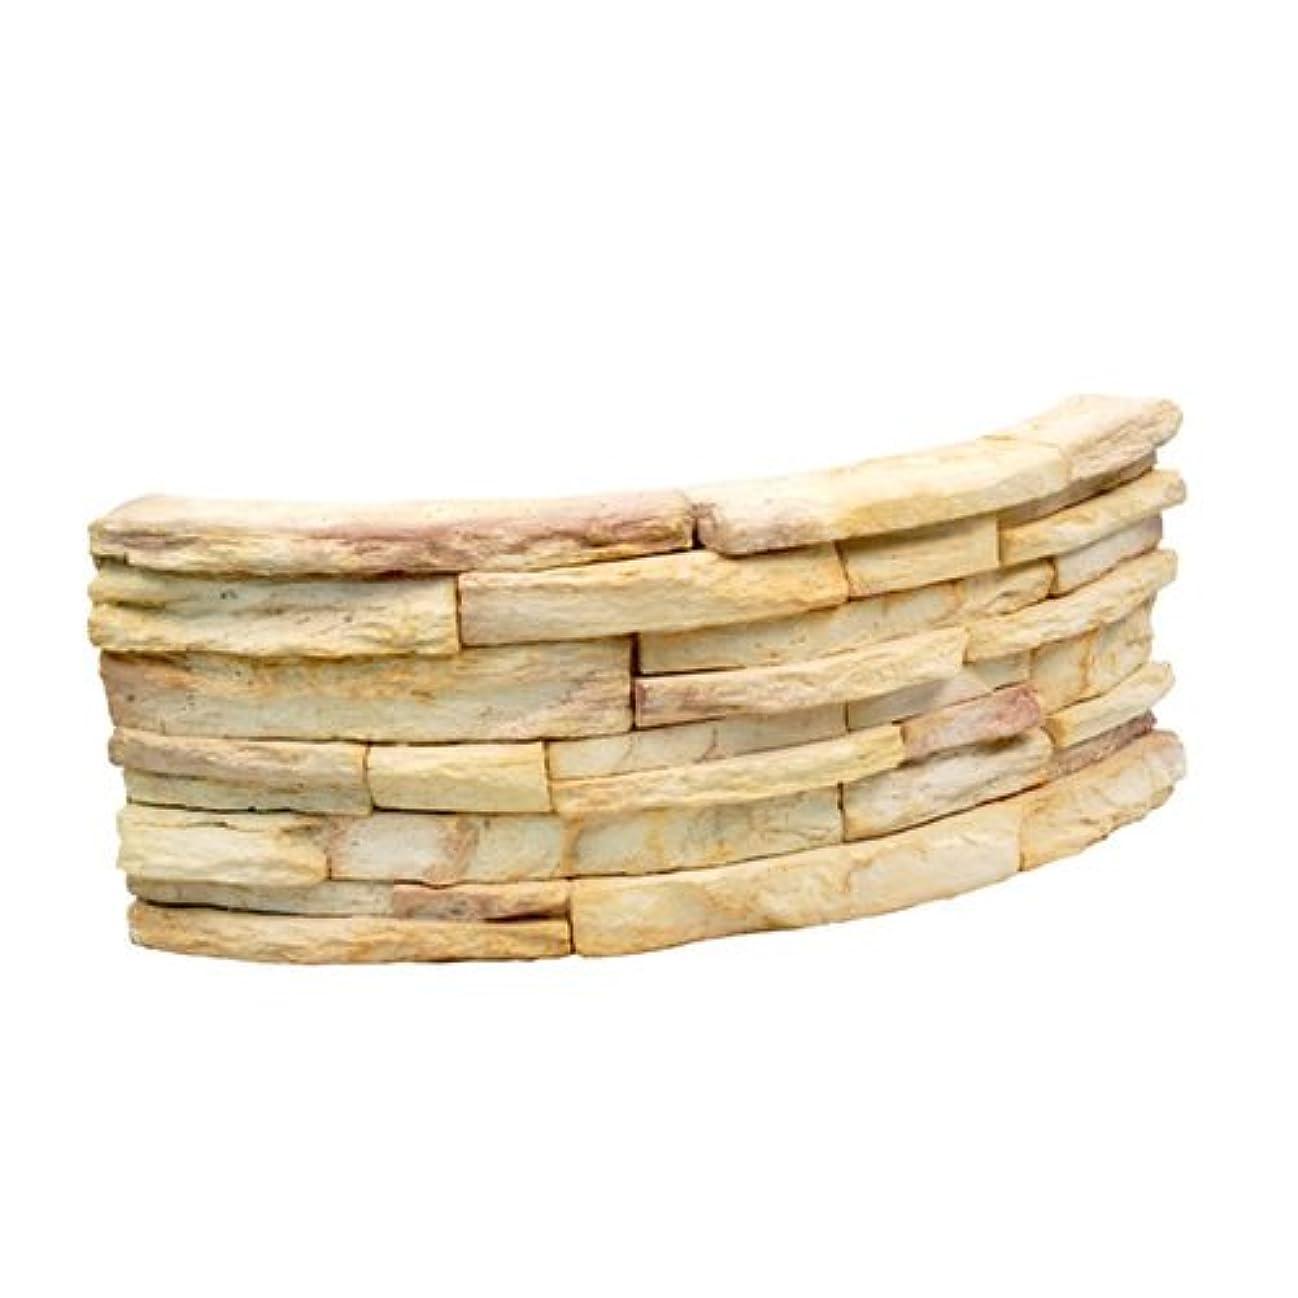 達成する倫理的アルバニー天然石 砕石砂利 1-2cm 20kg スノーホワイト (ガーデニングに最適 白色砂利)